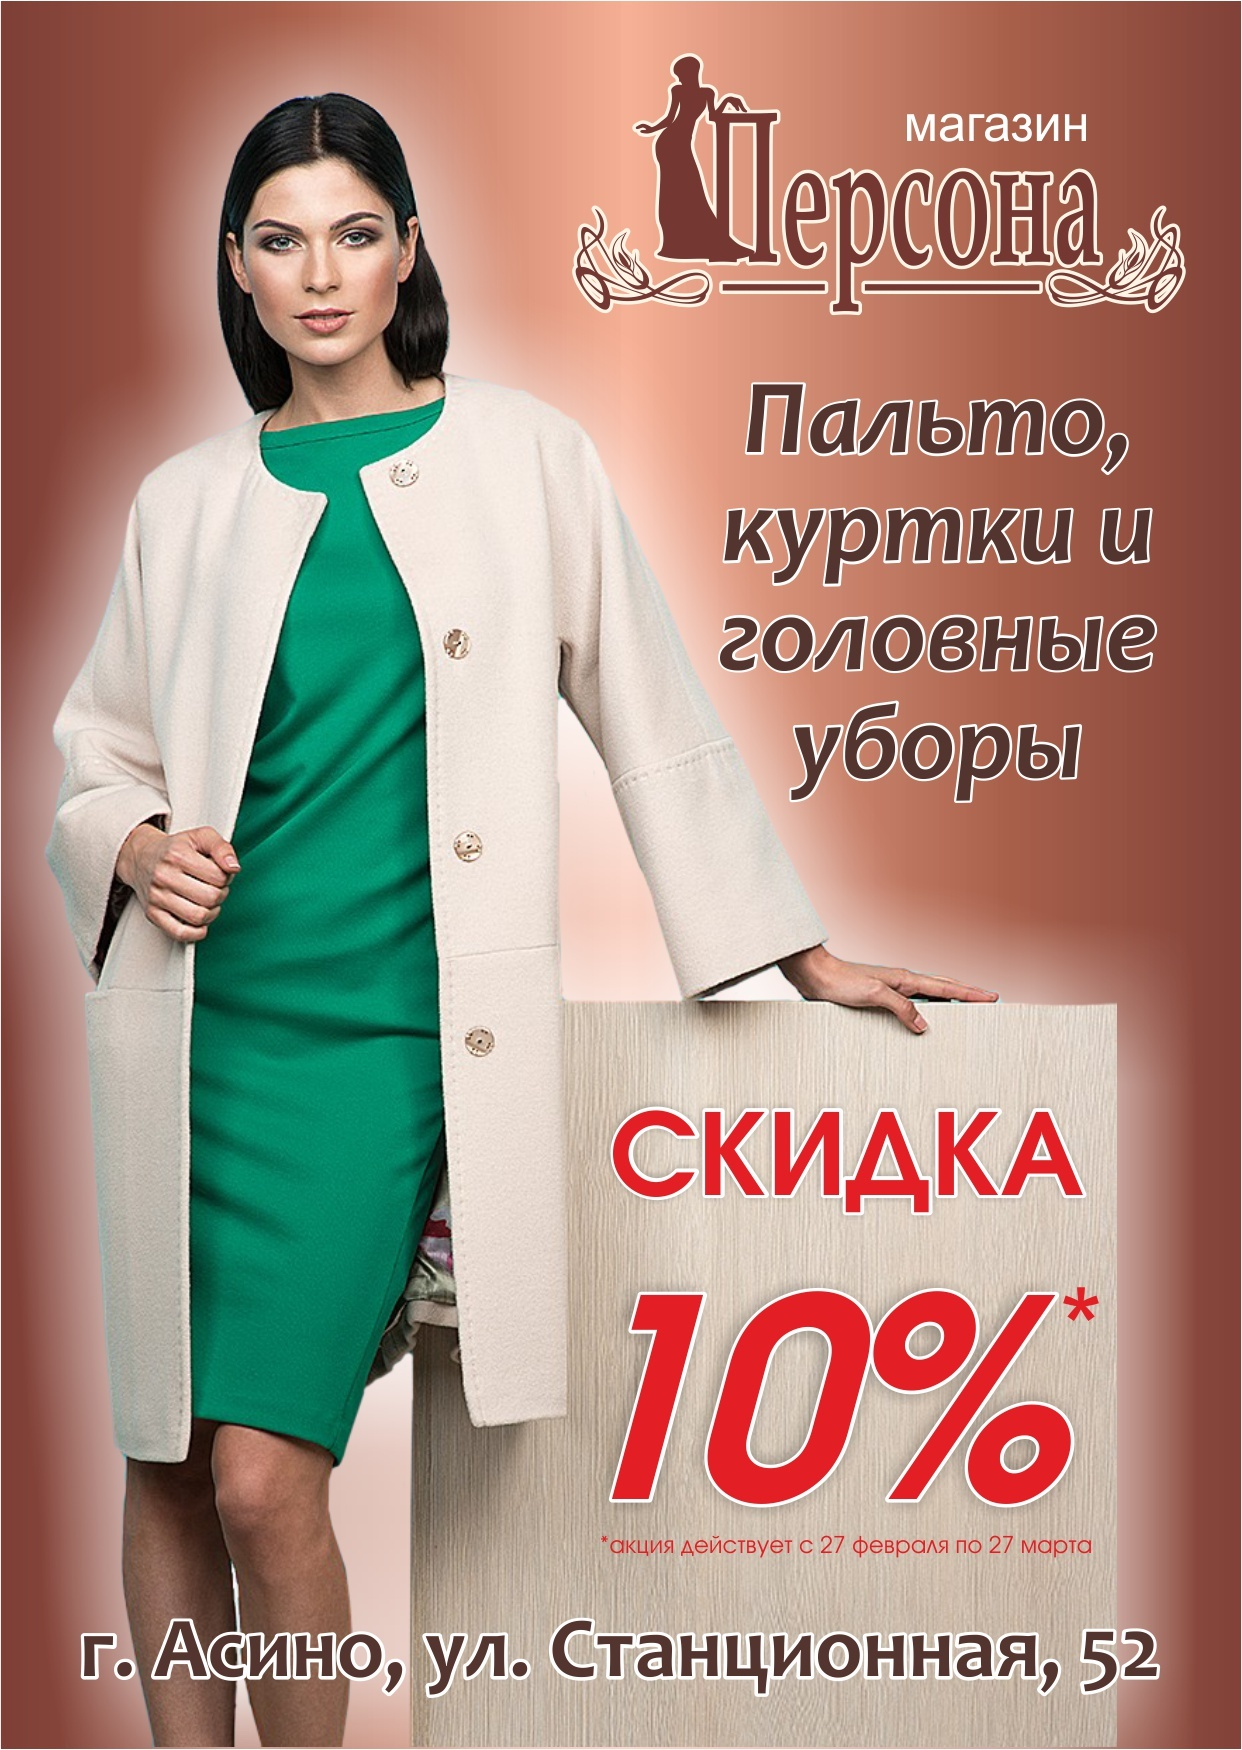 Новый Магазин Женской Одежды Доставка